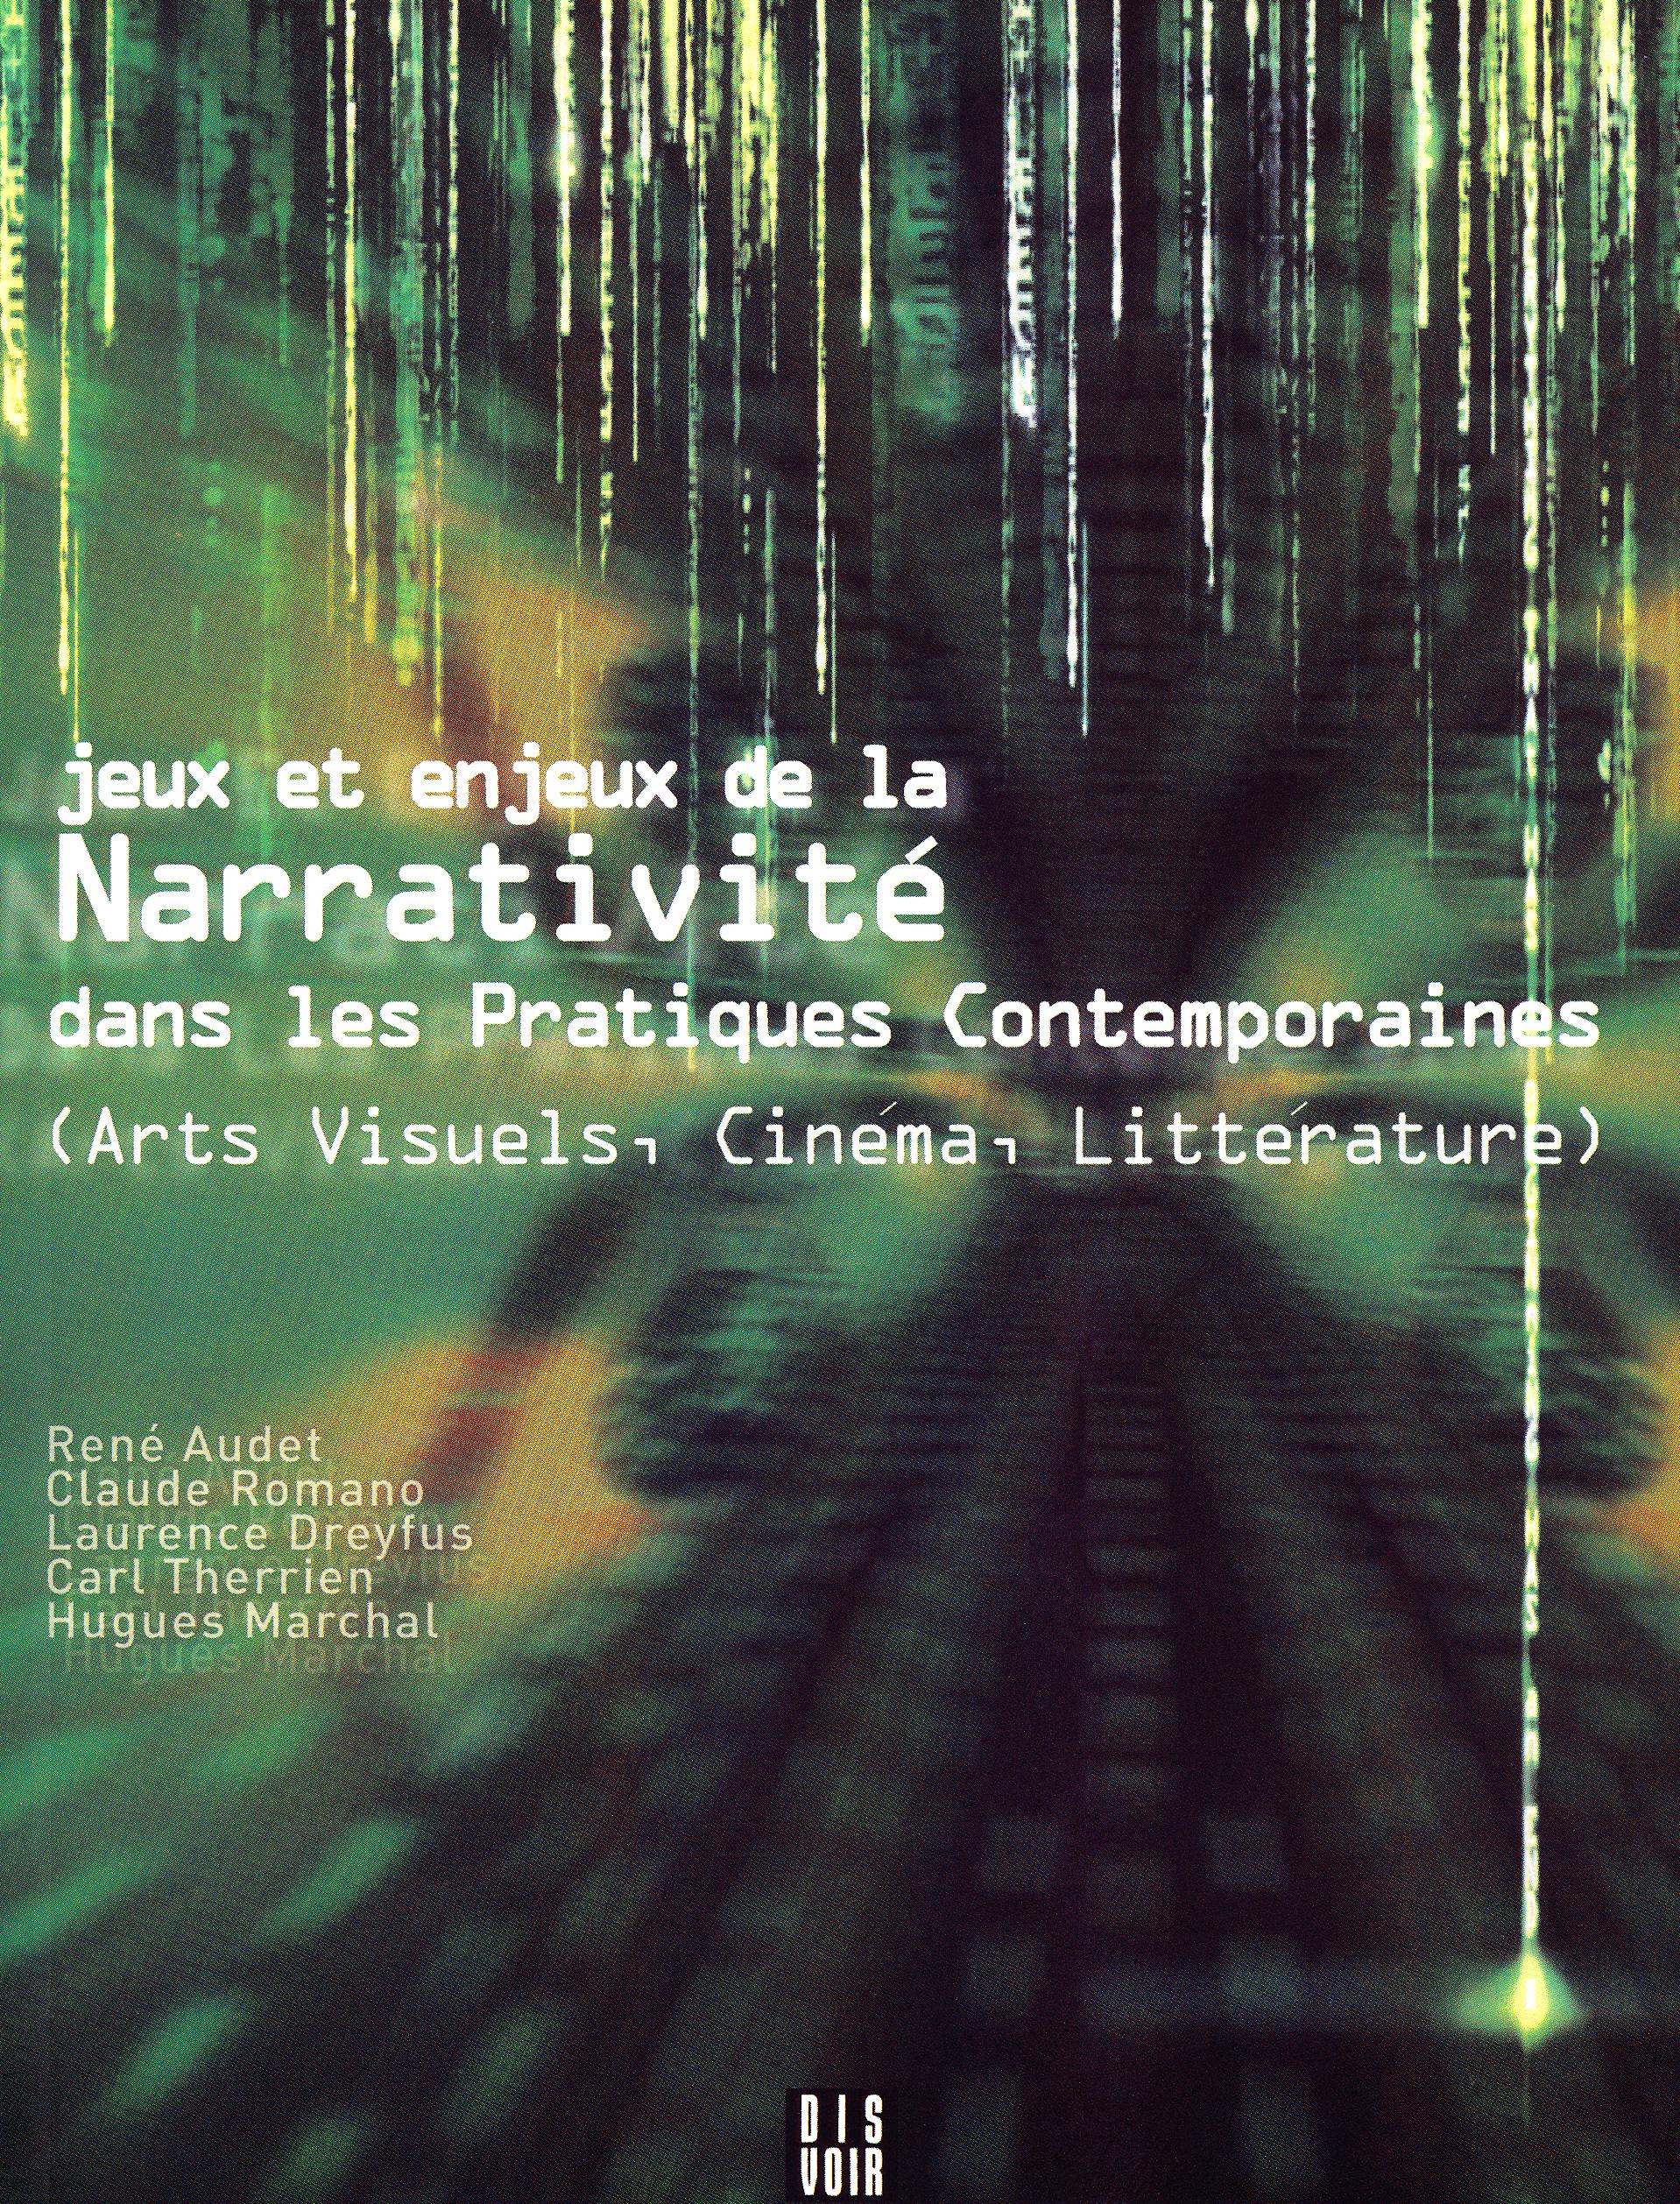 06 Narrativite_couv.jpg